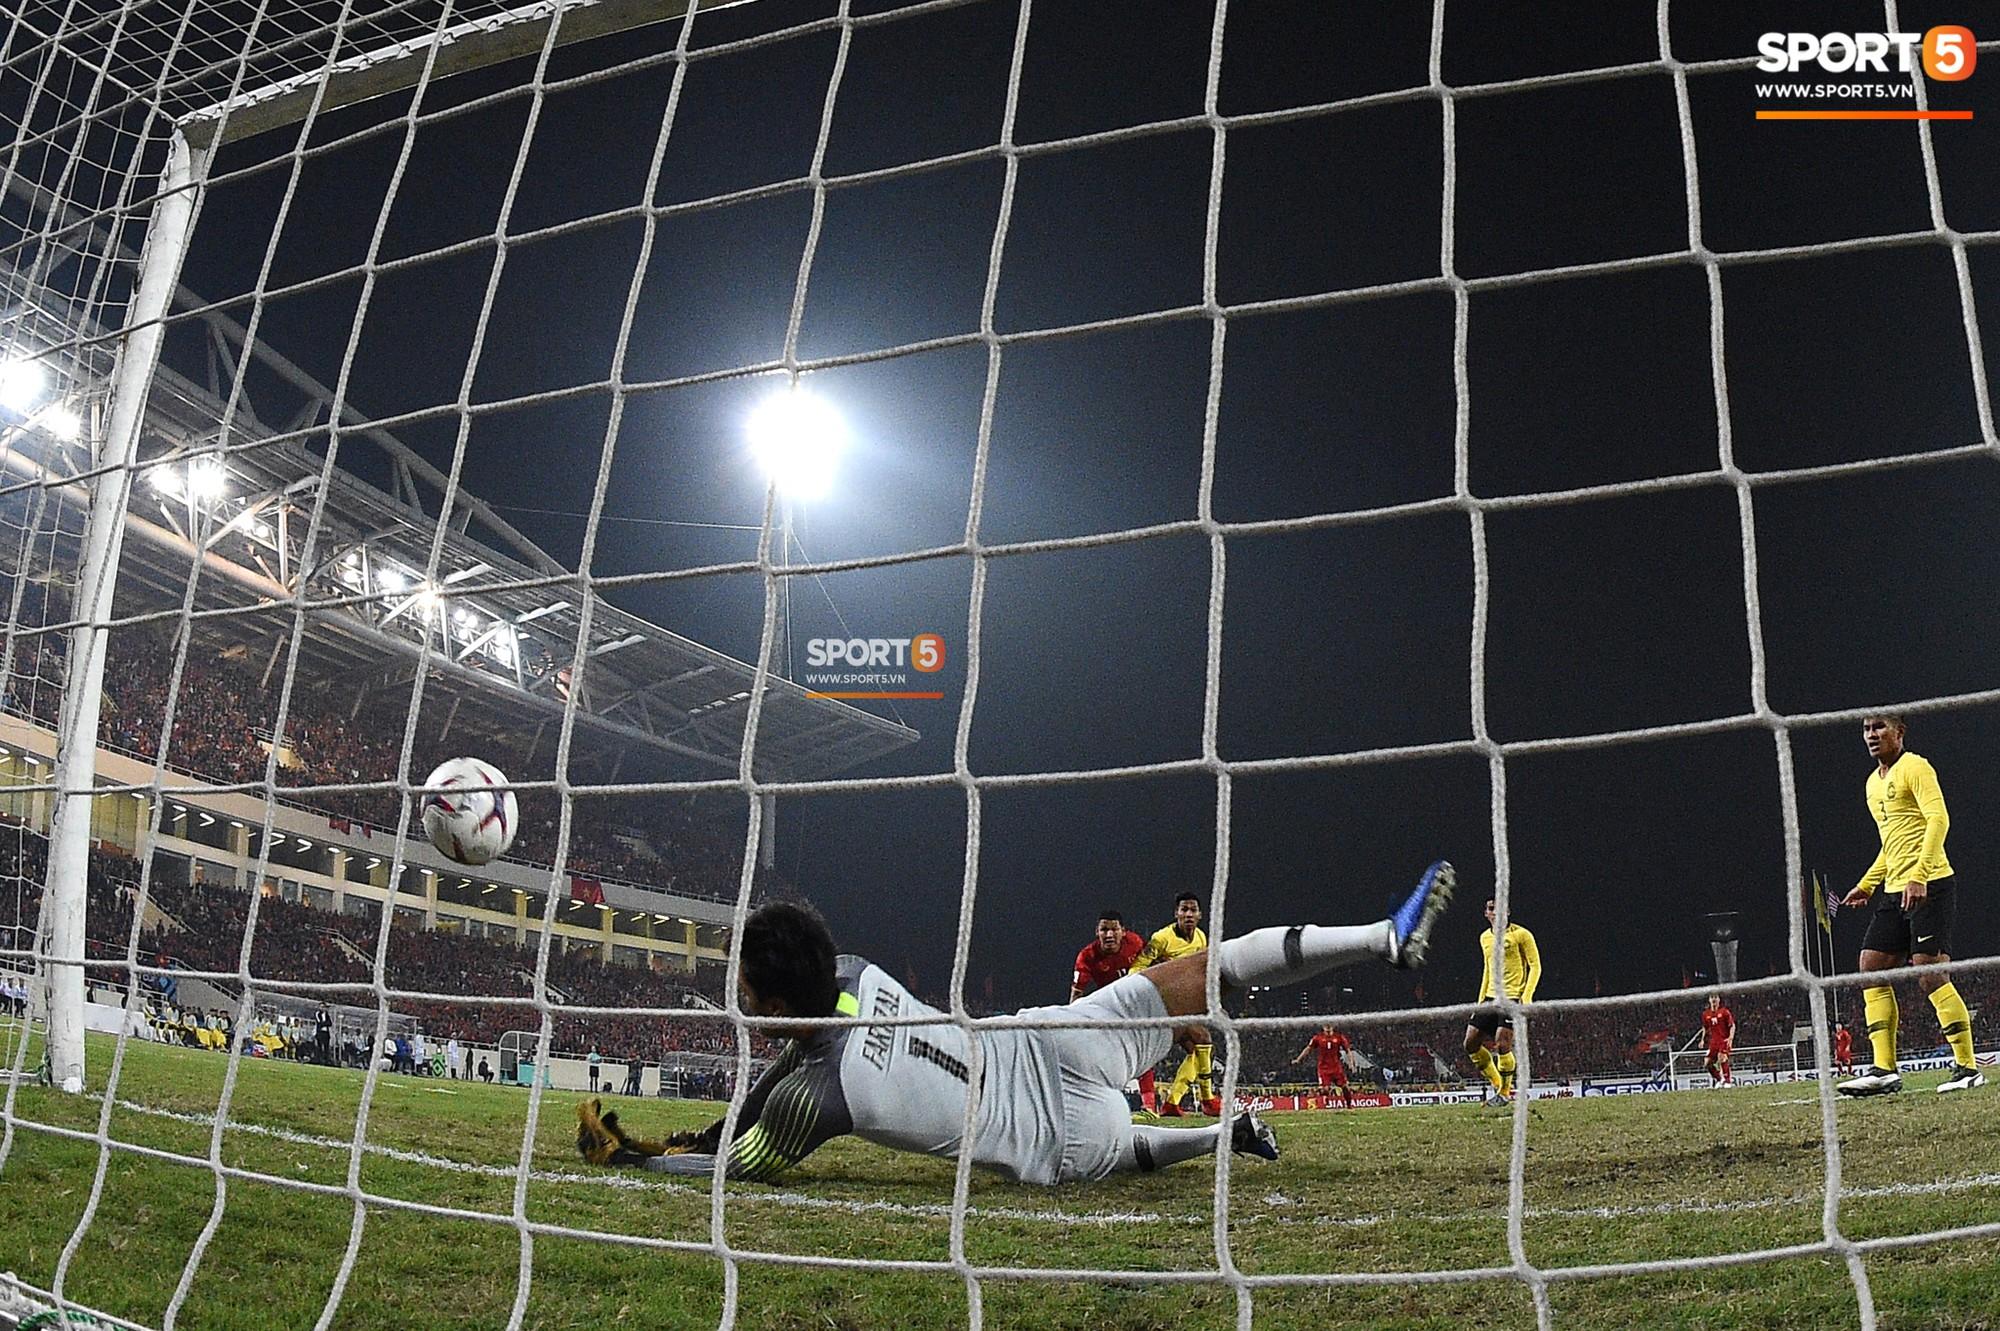 Góc ảnh độc đáo: Khoảnh khắc Anh Đức vô-lê tung lưới Malaysia nhìn từ phía sau cầu môn - Ảnh 4.